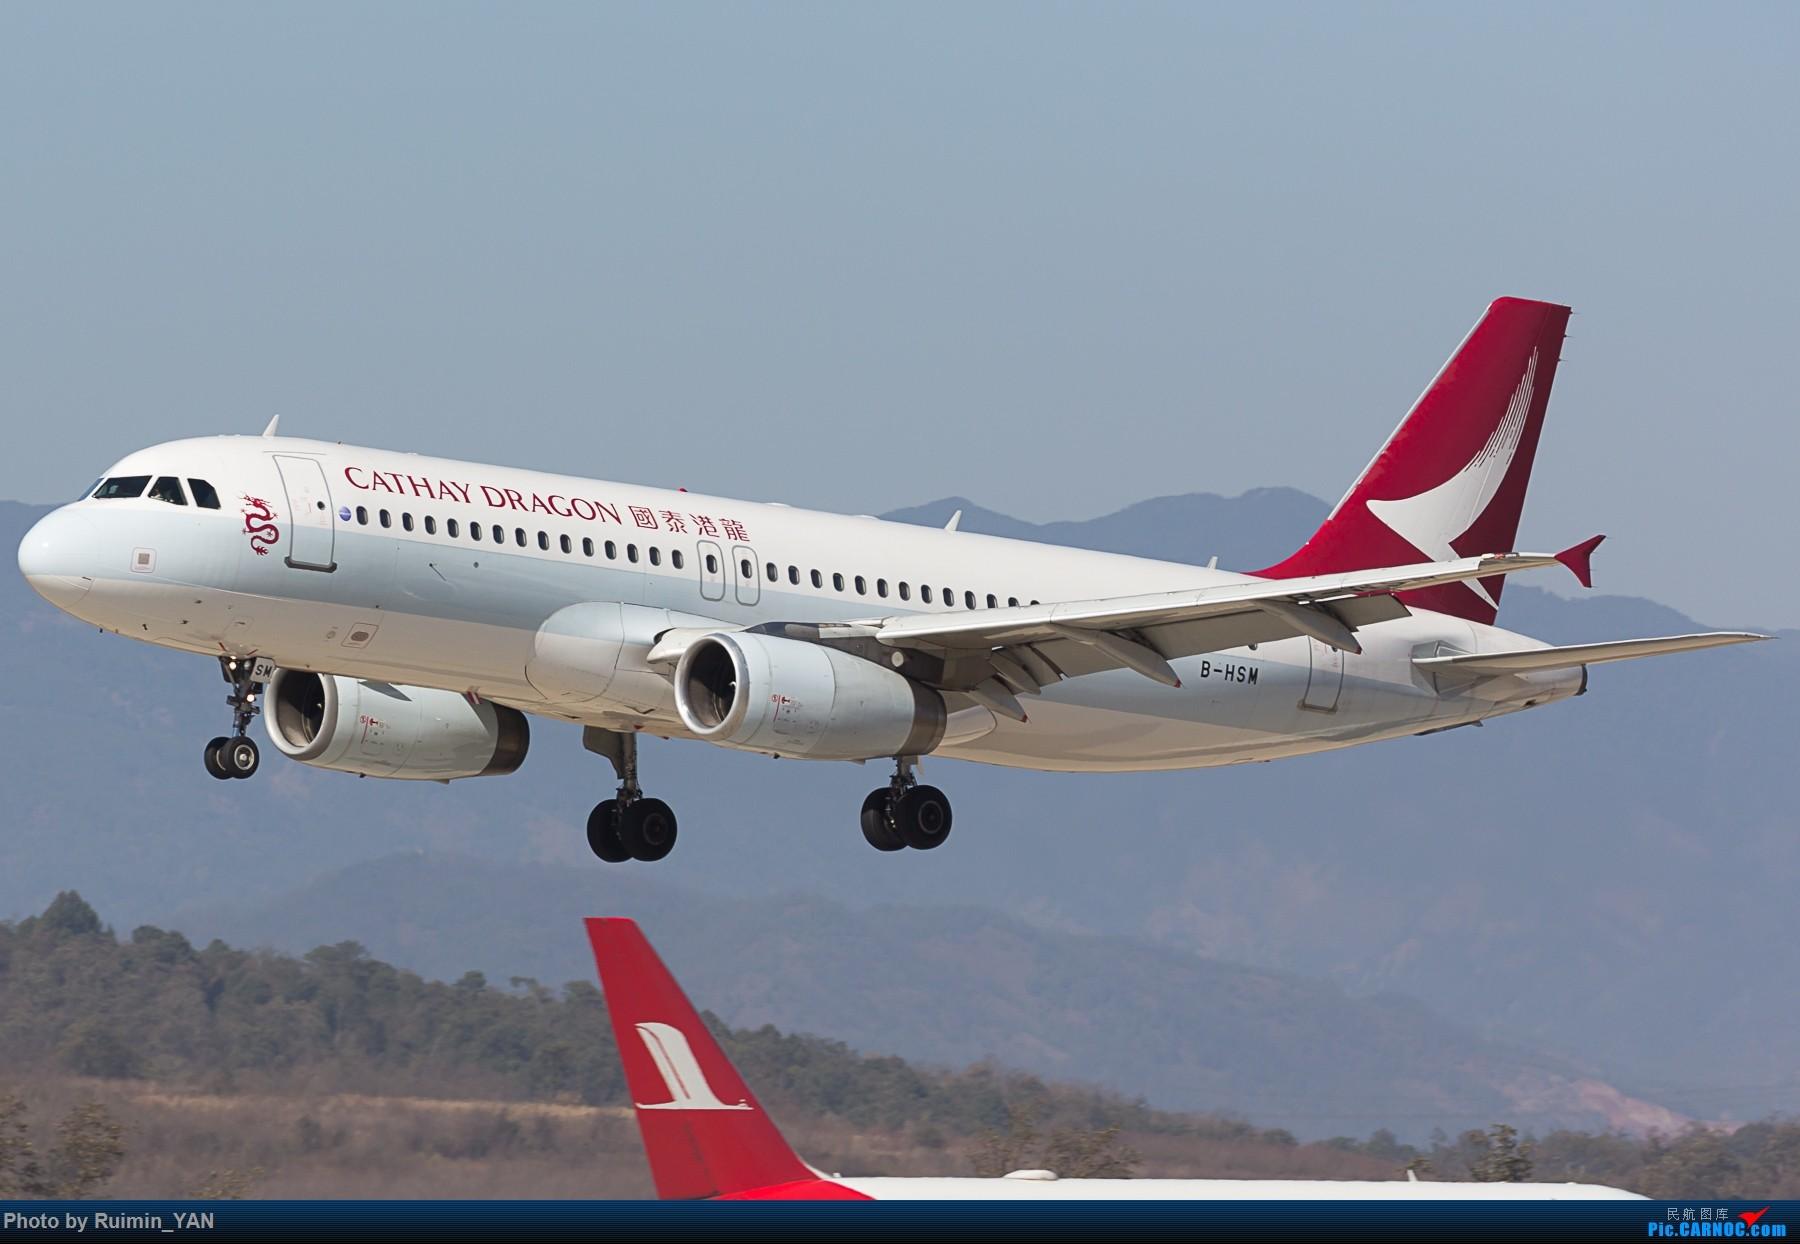 [原創]【KMG】國泰港龍航空(Cathay Dragon) 紅燒魚翅 B-HSM A320